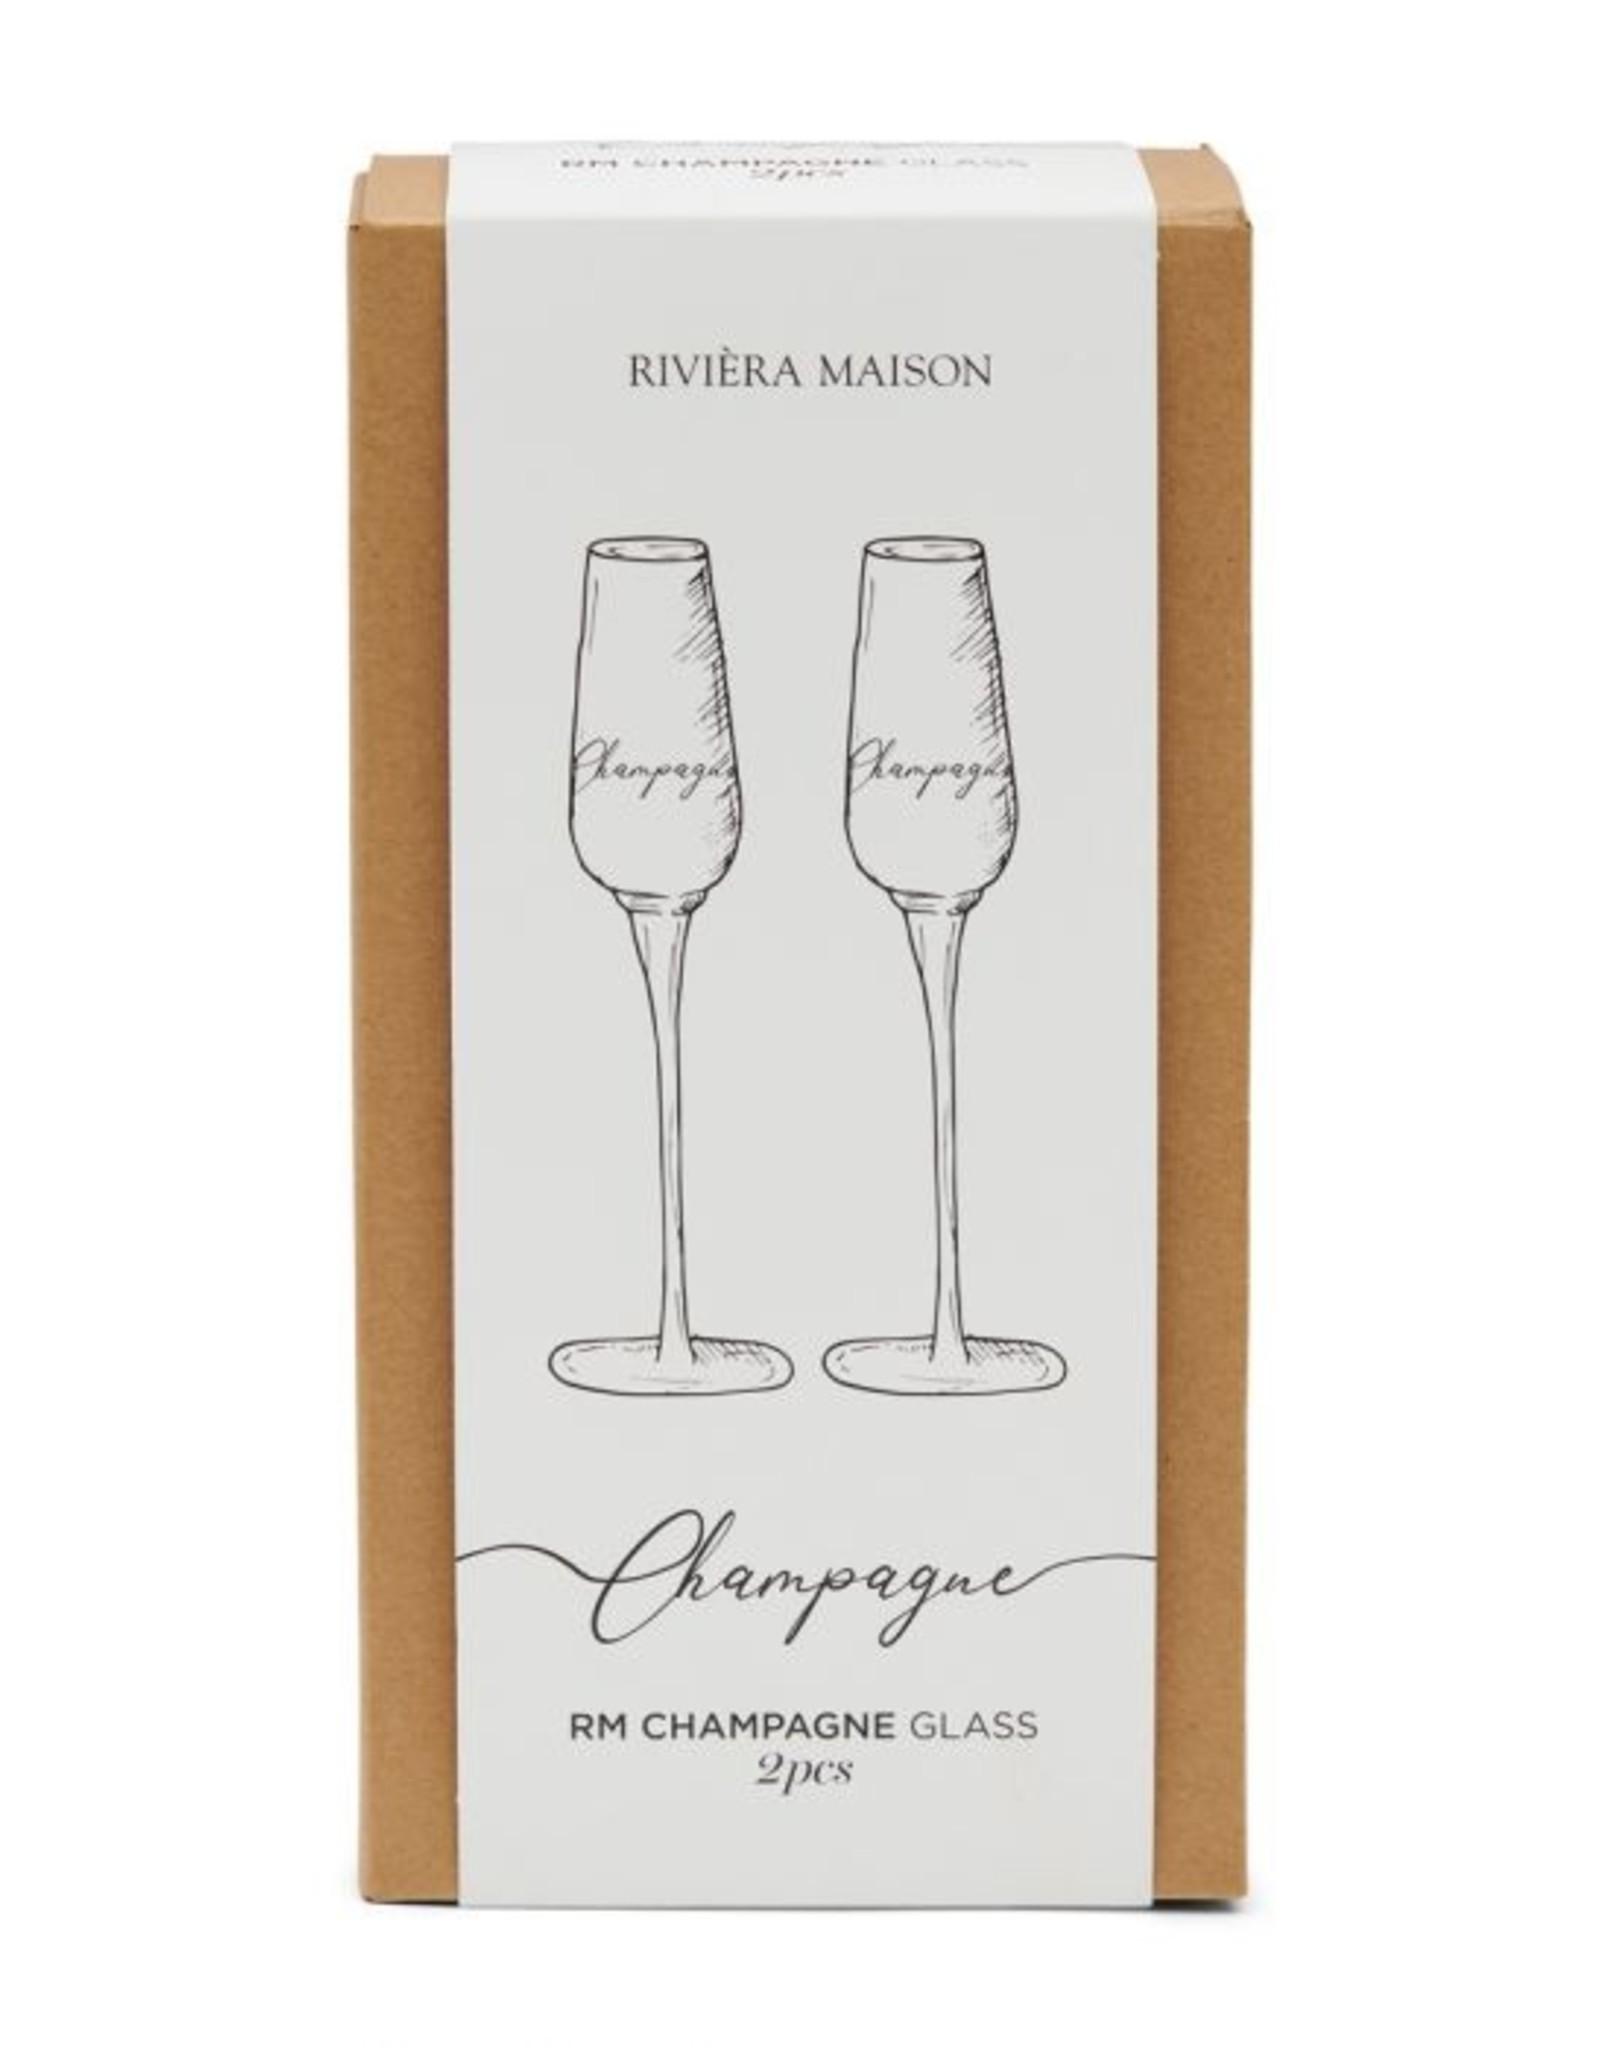 Riviera Maison RM Champagne Glass 2 pcs